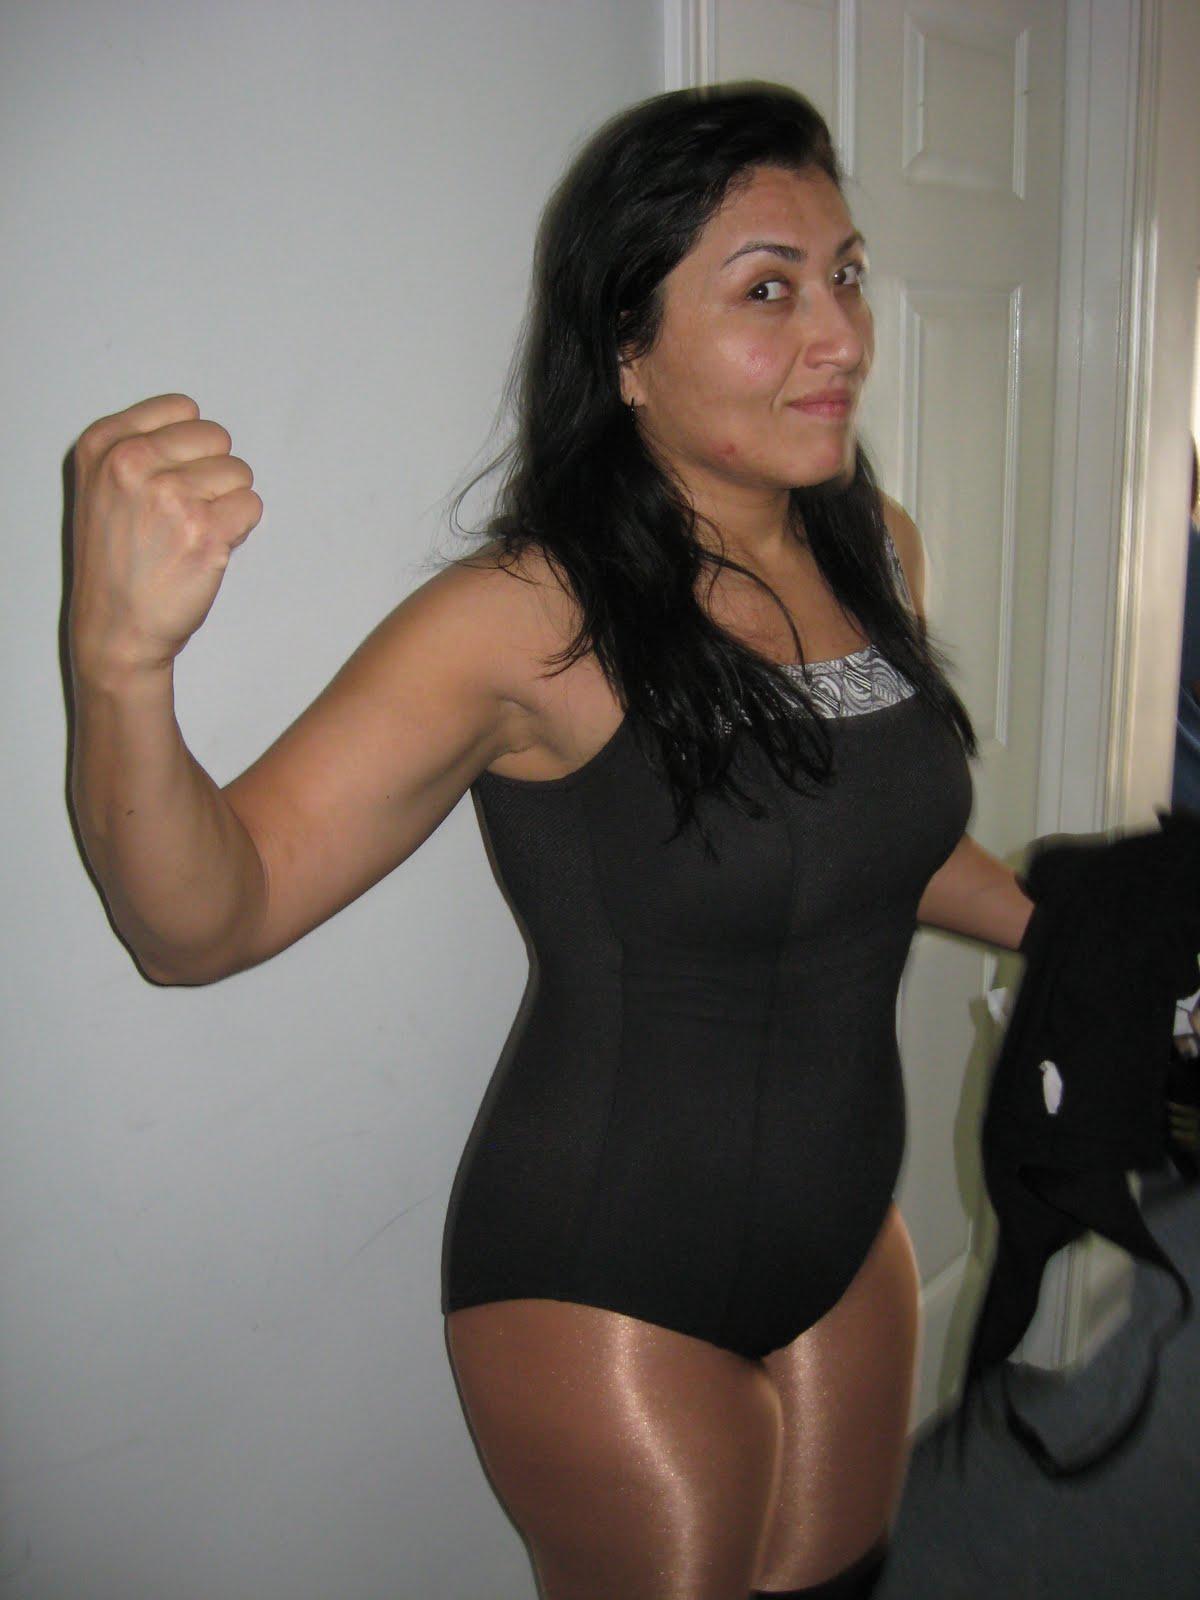 Denise Storm Female Wrestler Nude 5